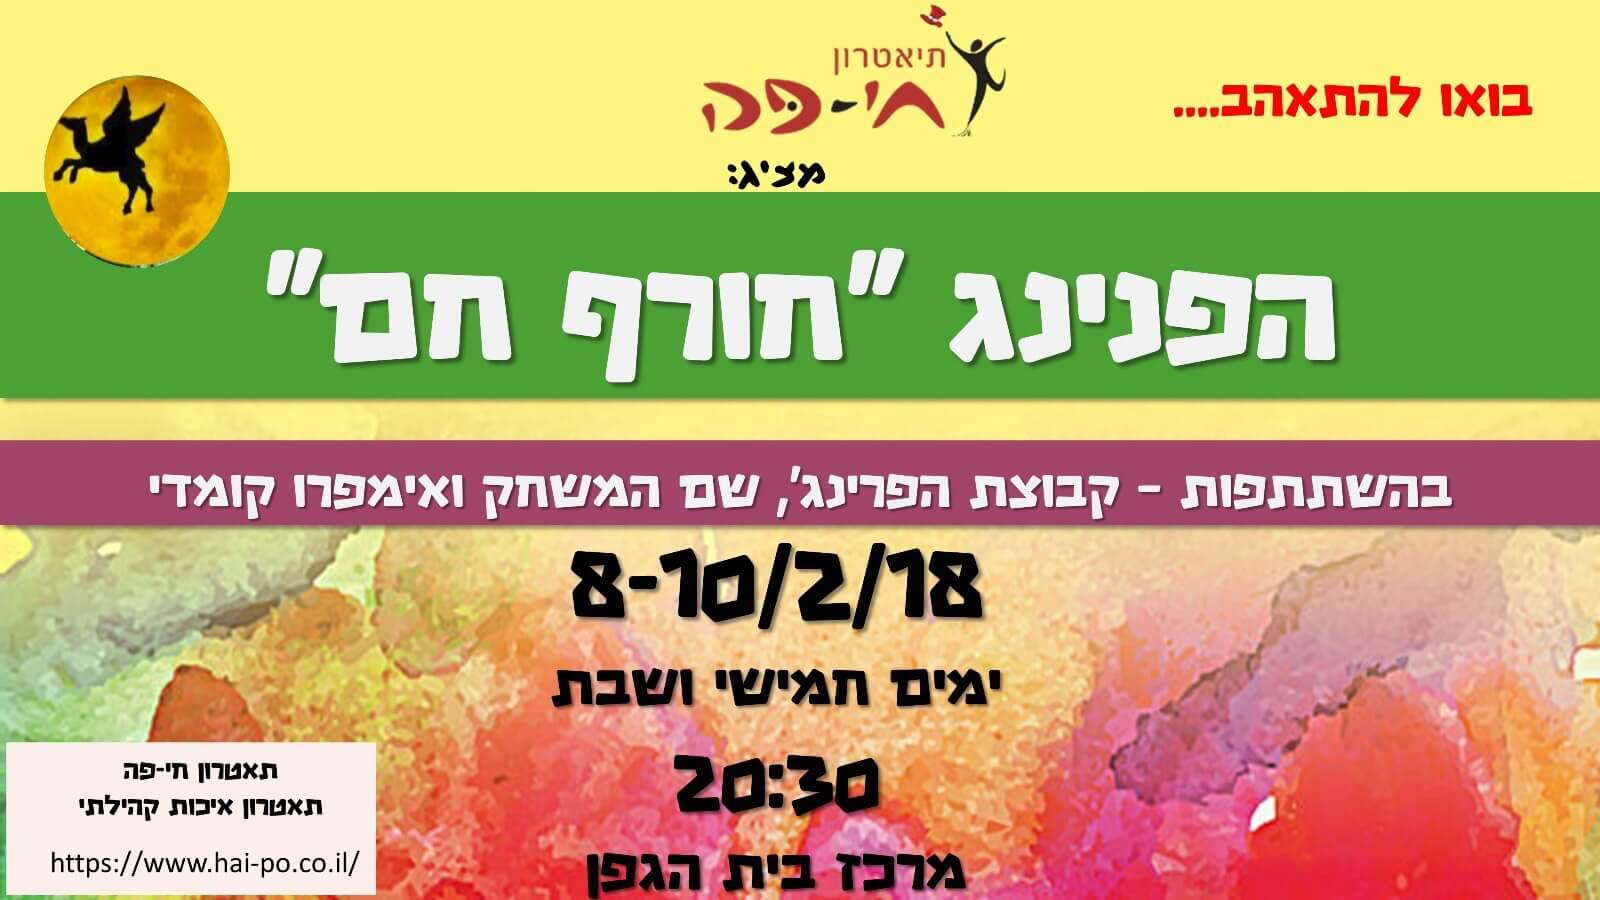 הפנינג ׳חורף חם׳ ה-8-11.2 בבית הגפן